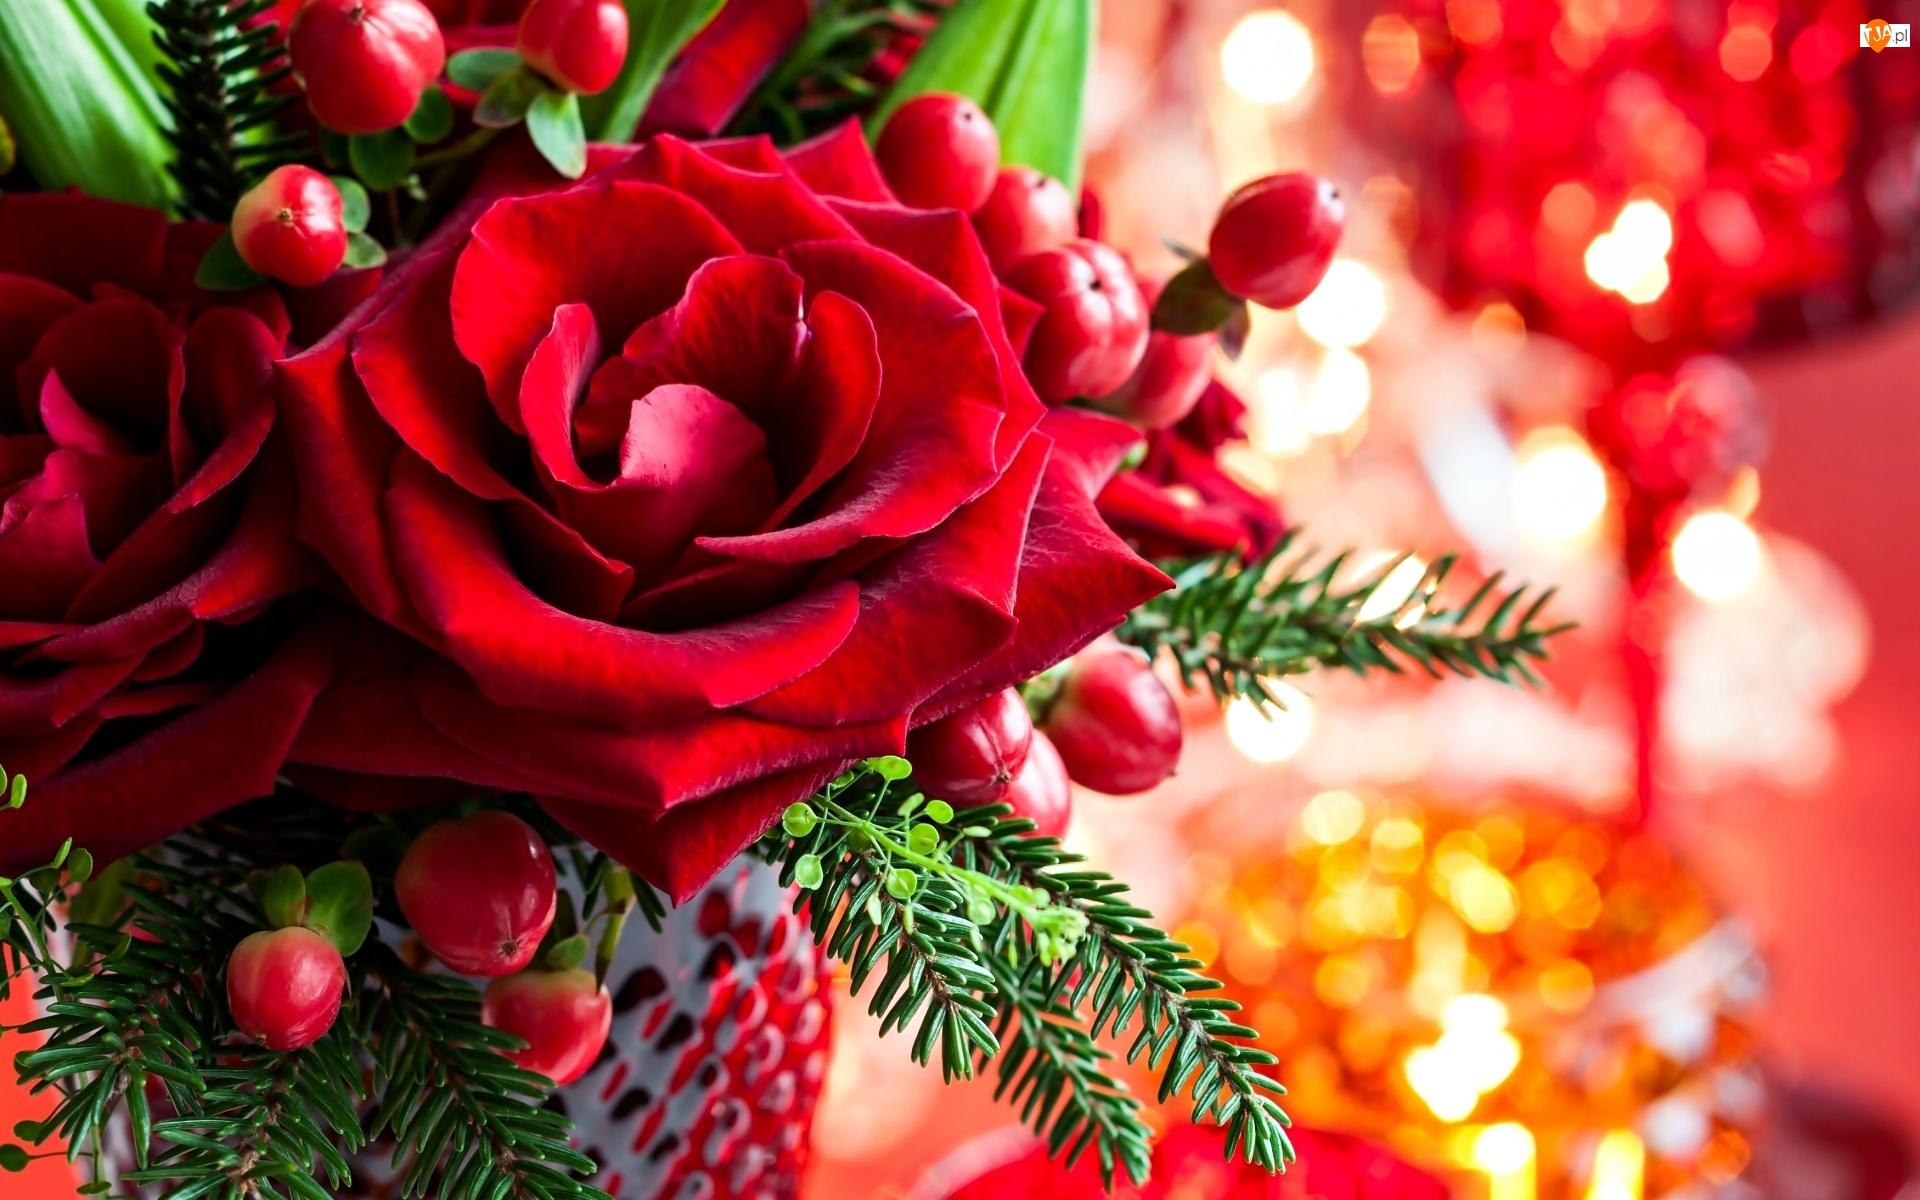 Róża, Dekoracja, Czerwona